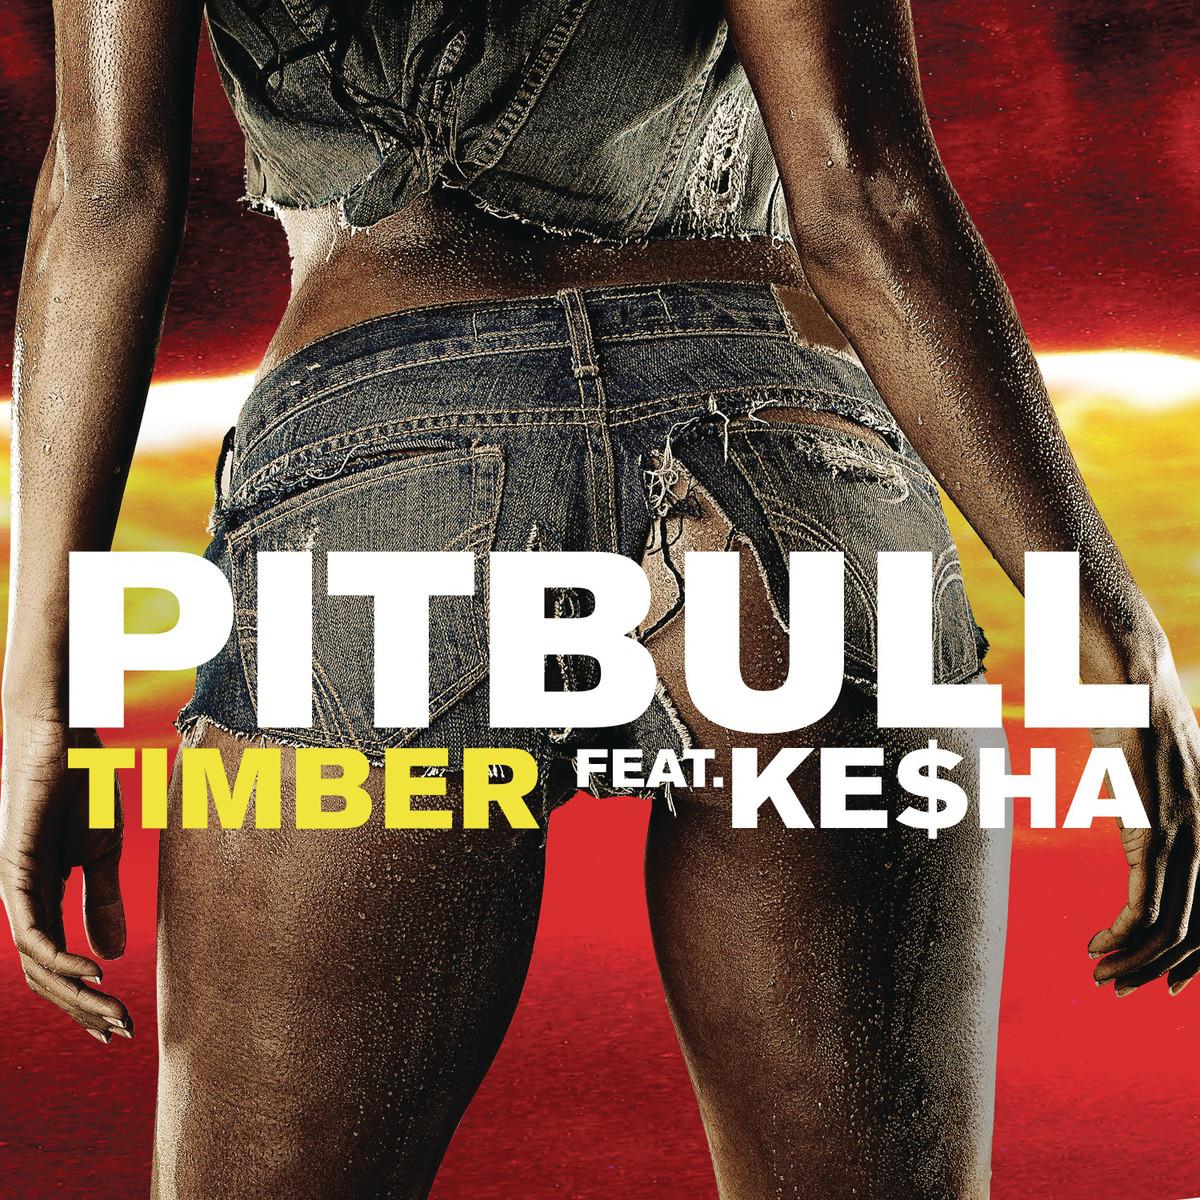 Pitbull feat. Ke$ha – Timber